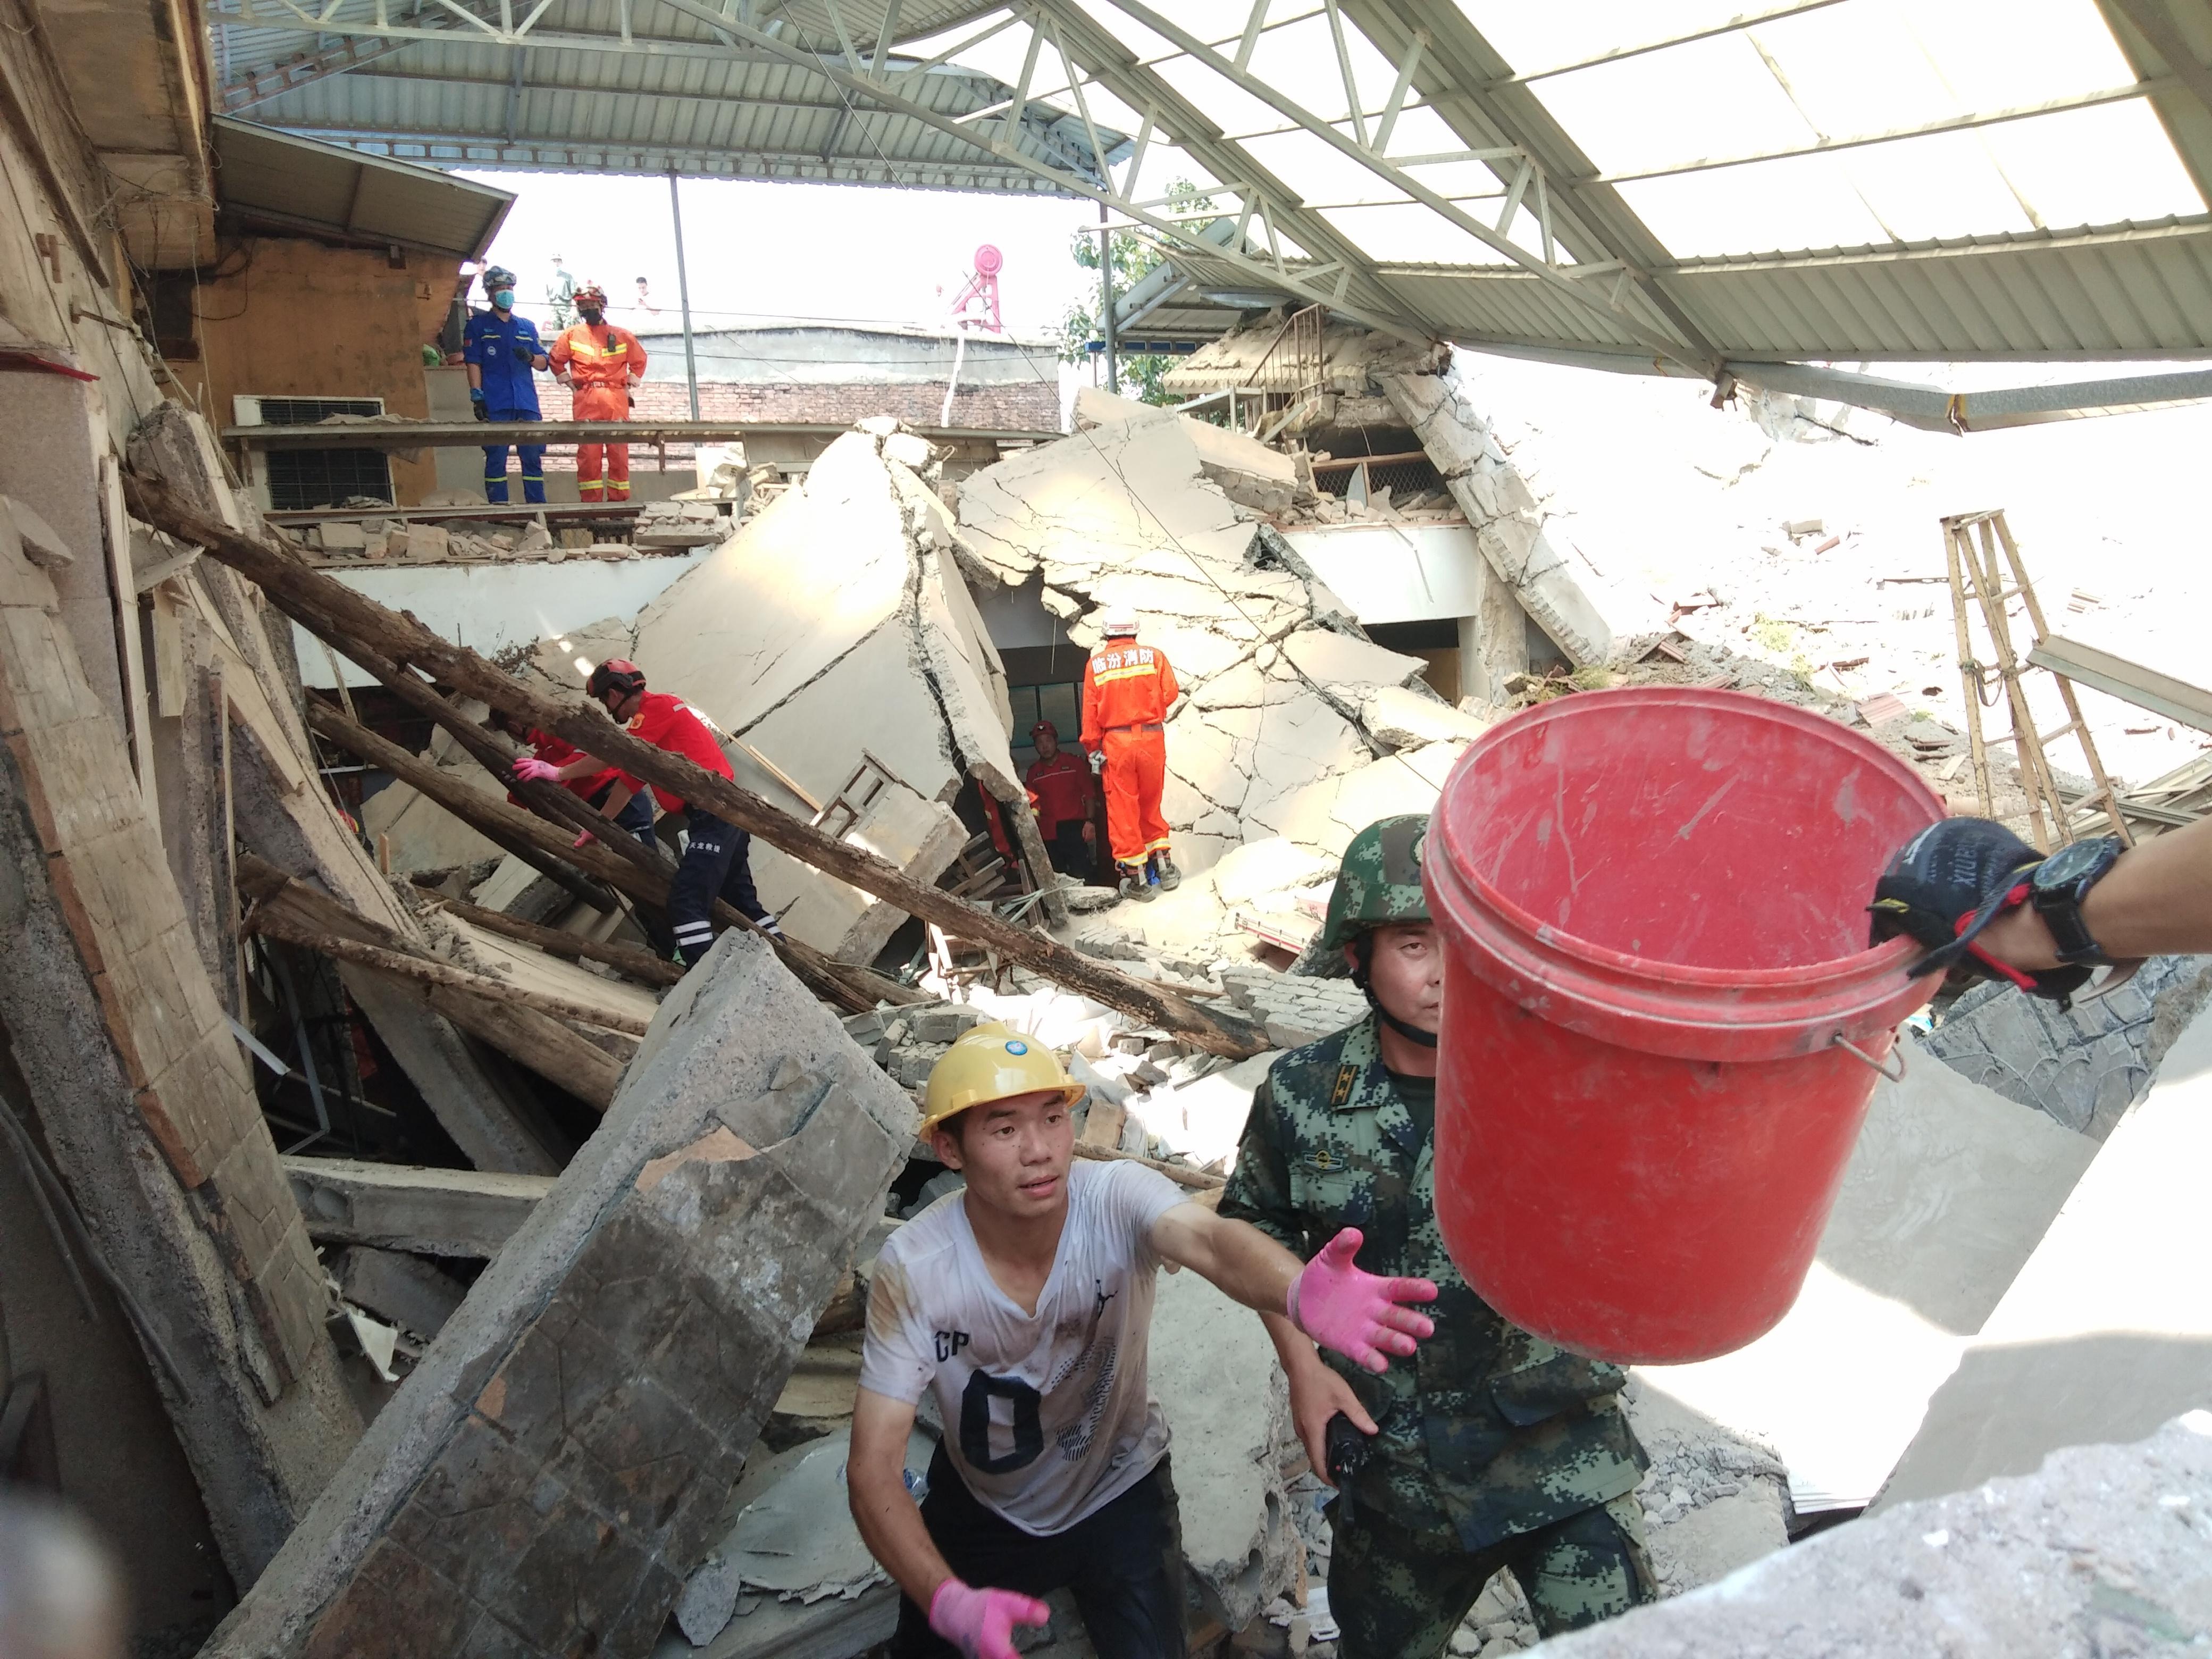 【酷狗k歌机】_救援队谈山西临汾饭店坍塌:坍塌部分为预制板搭建